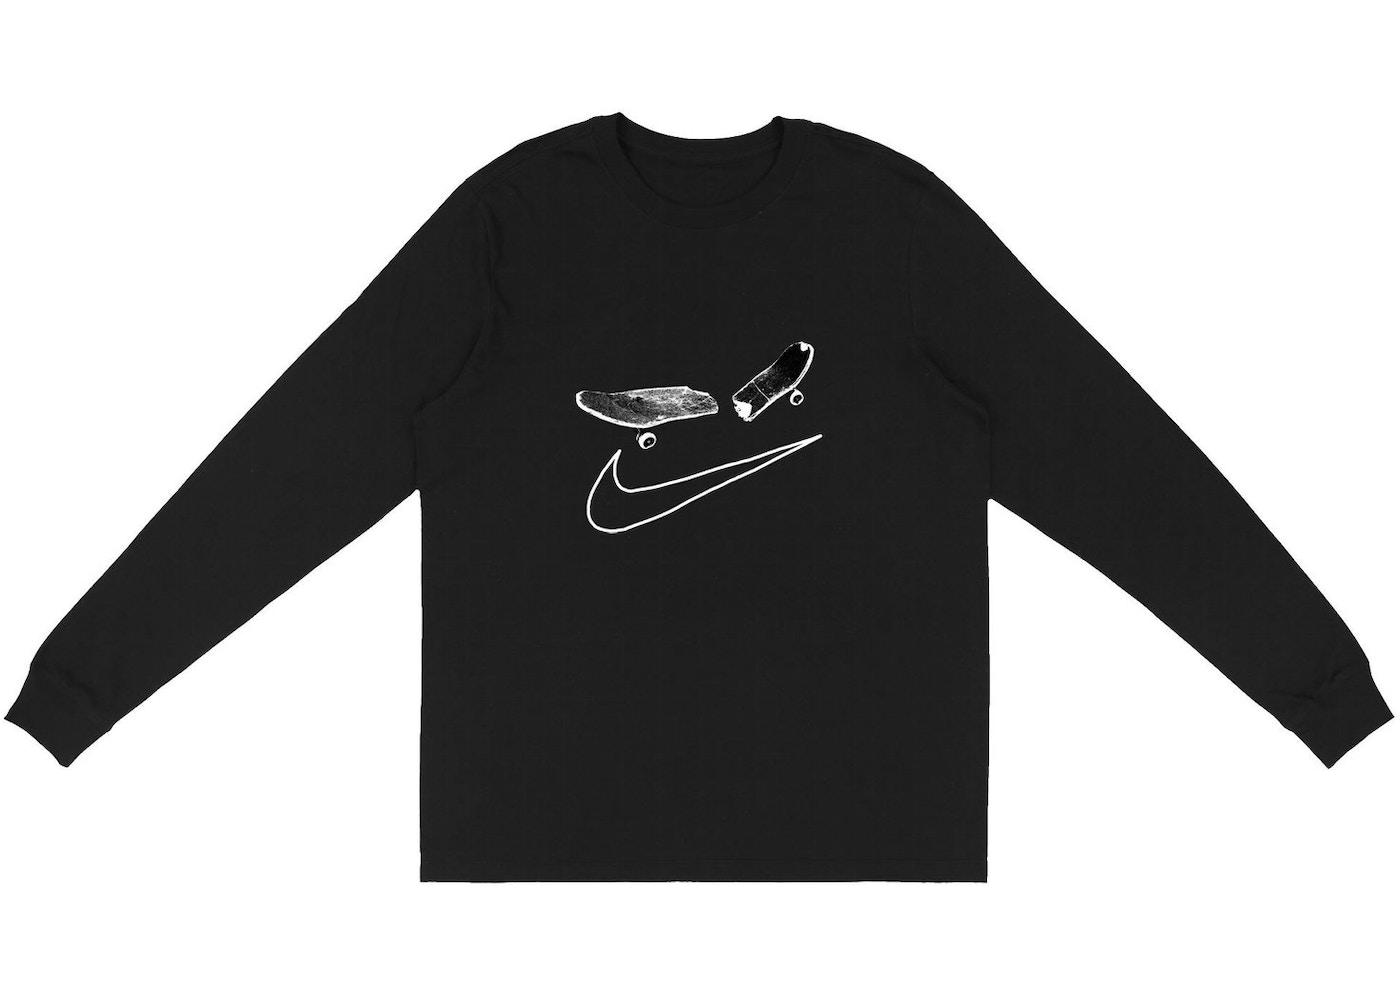 promoción el precio se mantiene estable descuento Travis Scott Cactus Jack For Nike SB Longsleeve T-Shirt I Black - SS20